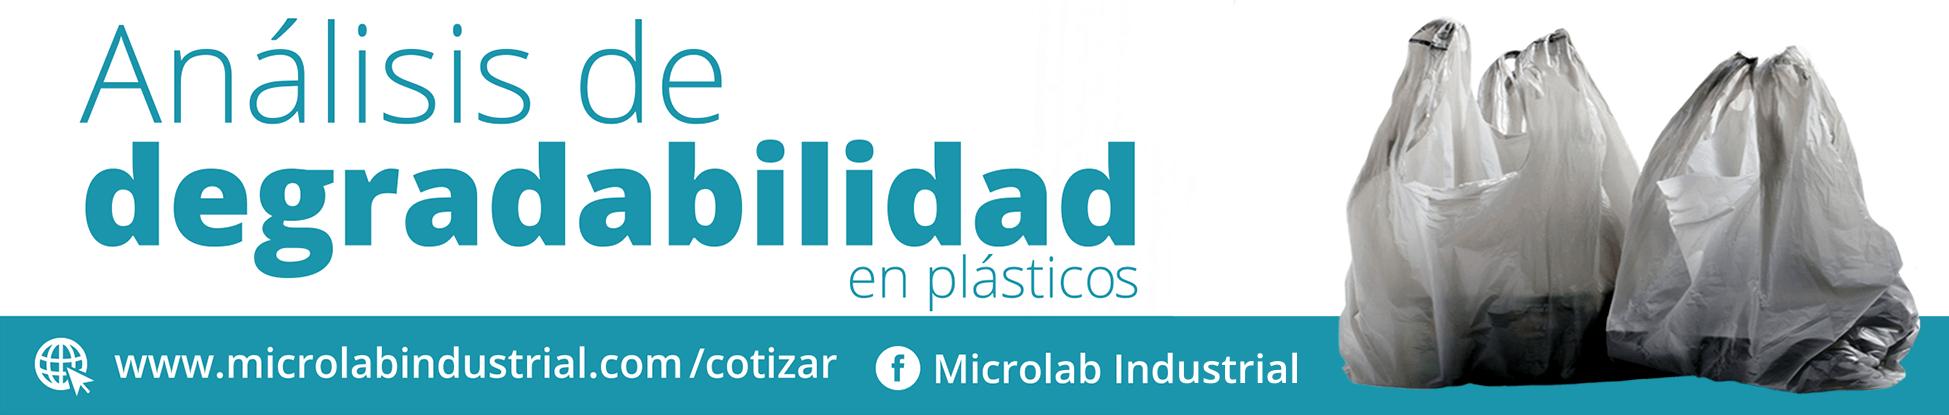 analisis-degradabilidad-de-plasticos-2.png